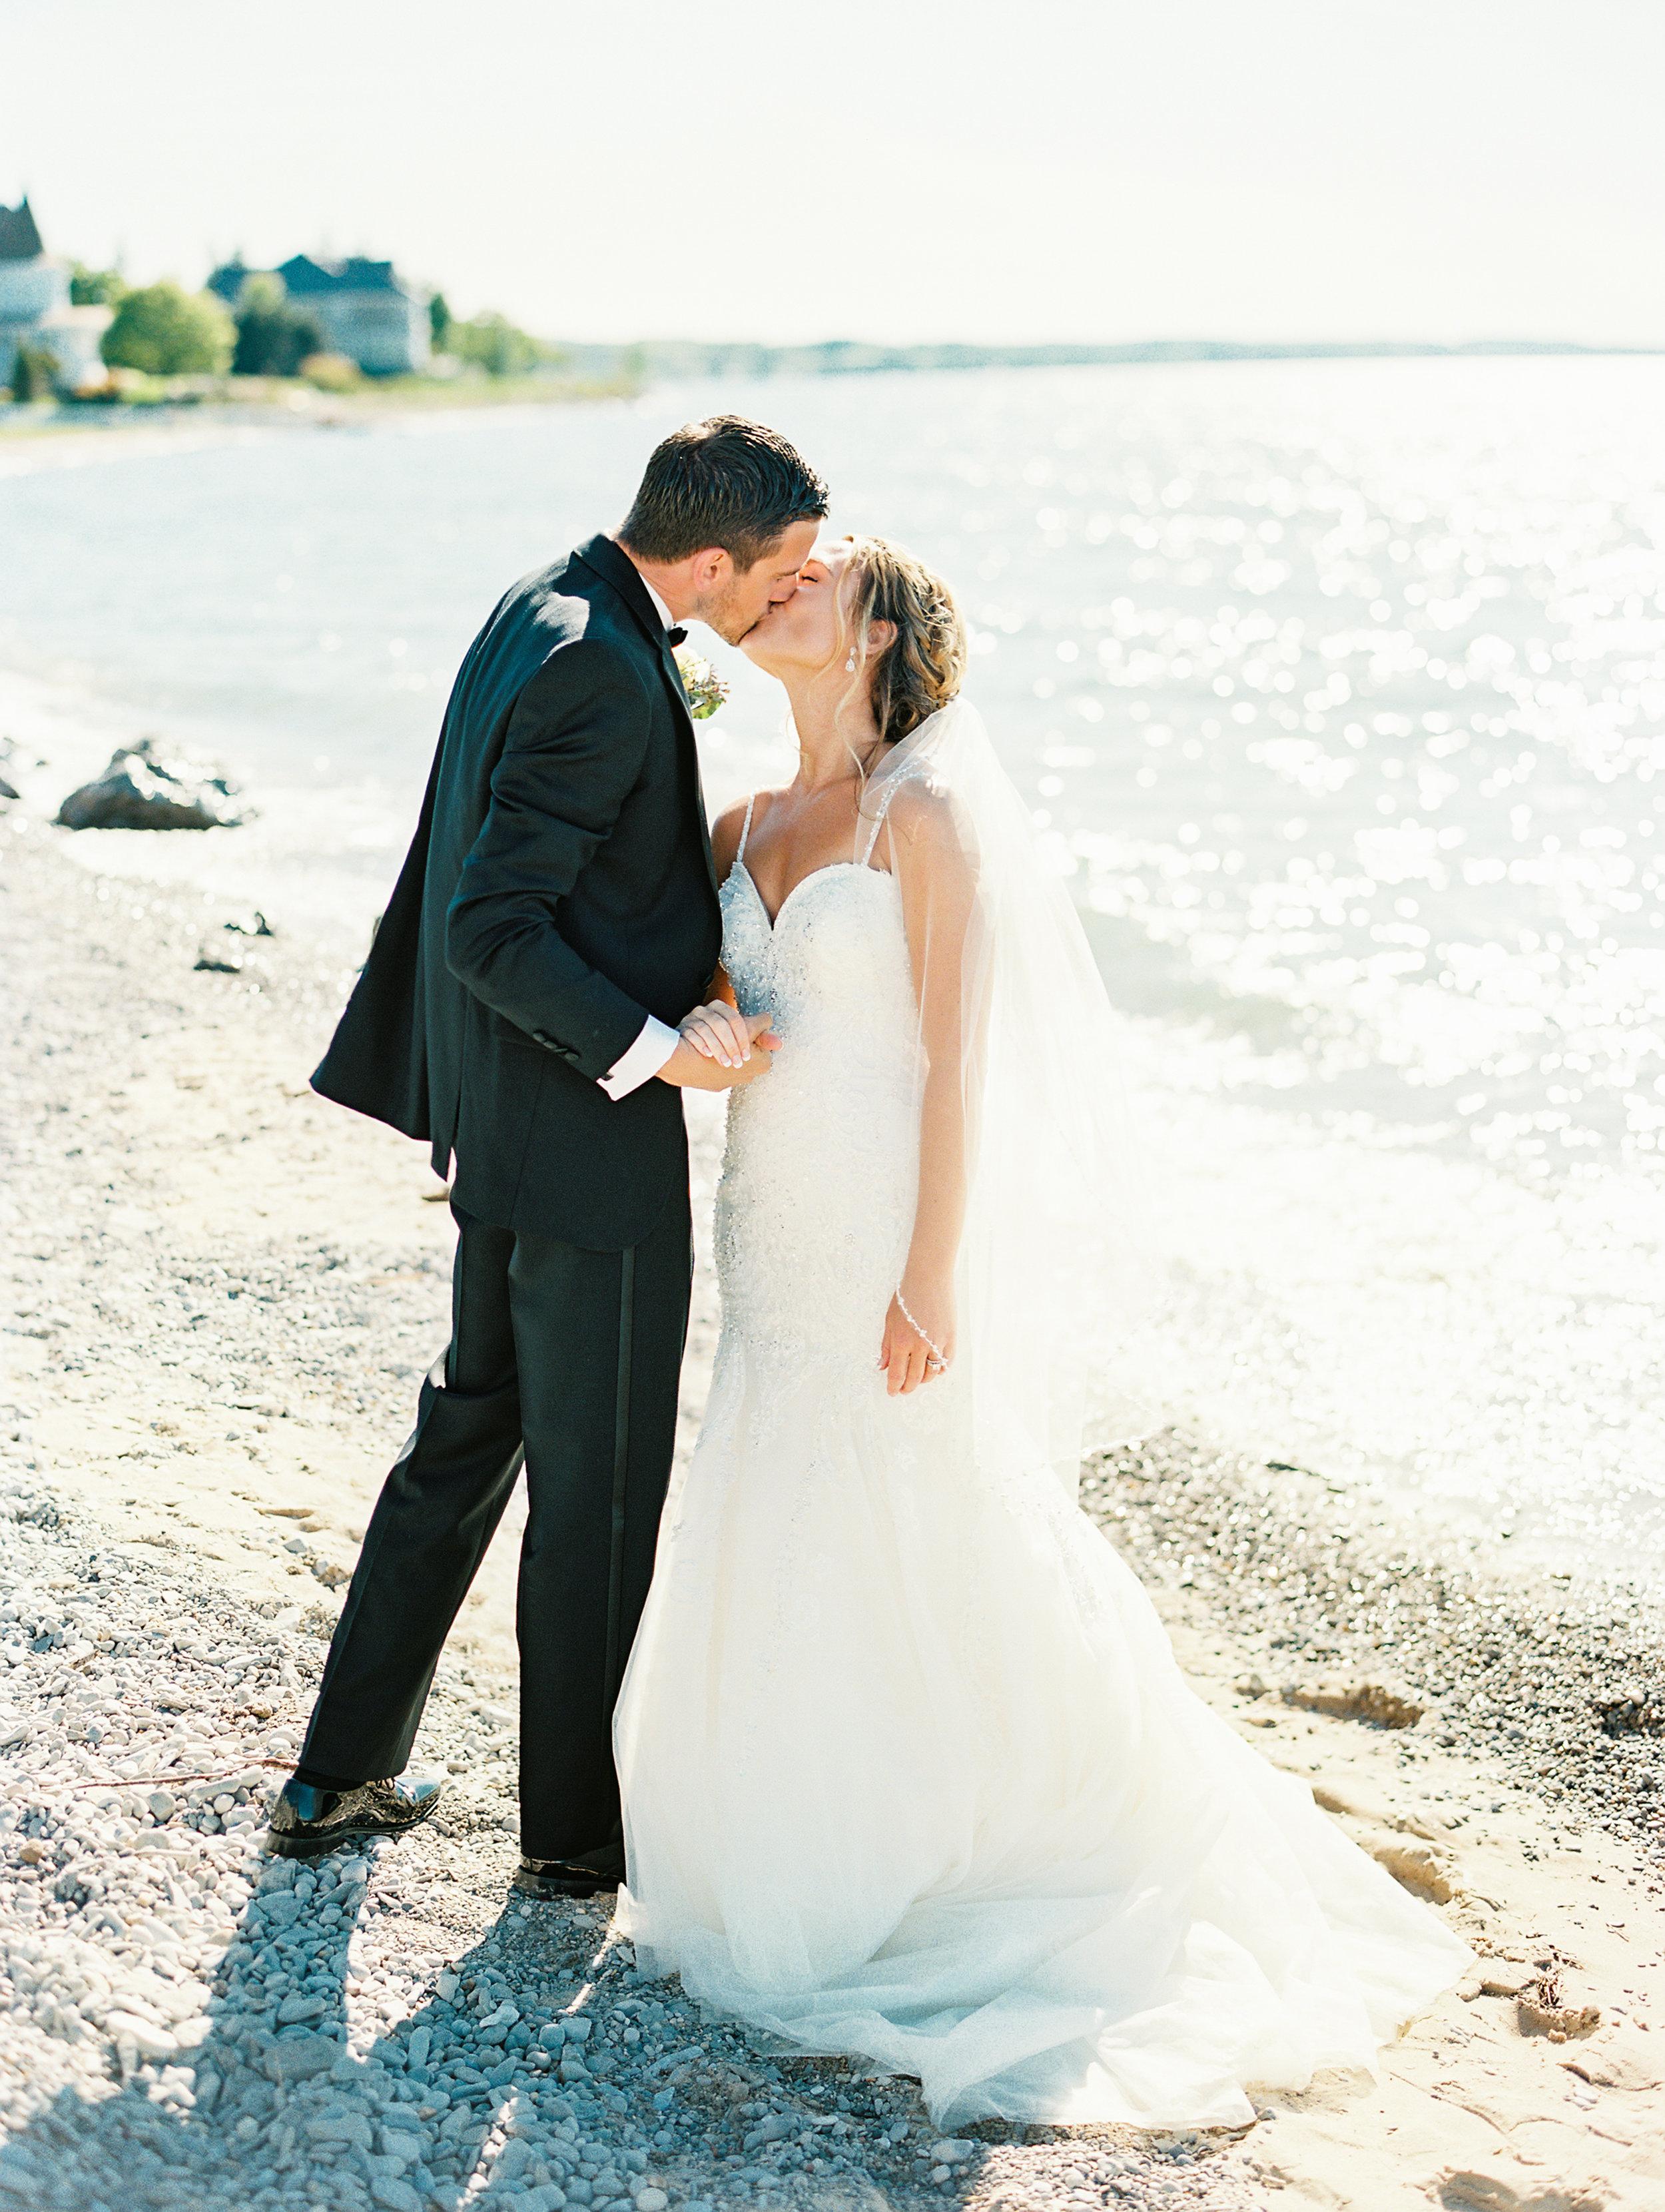 Noss+Wedding+Bride+Groom-78.jpg